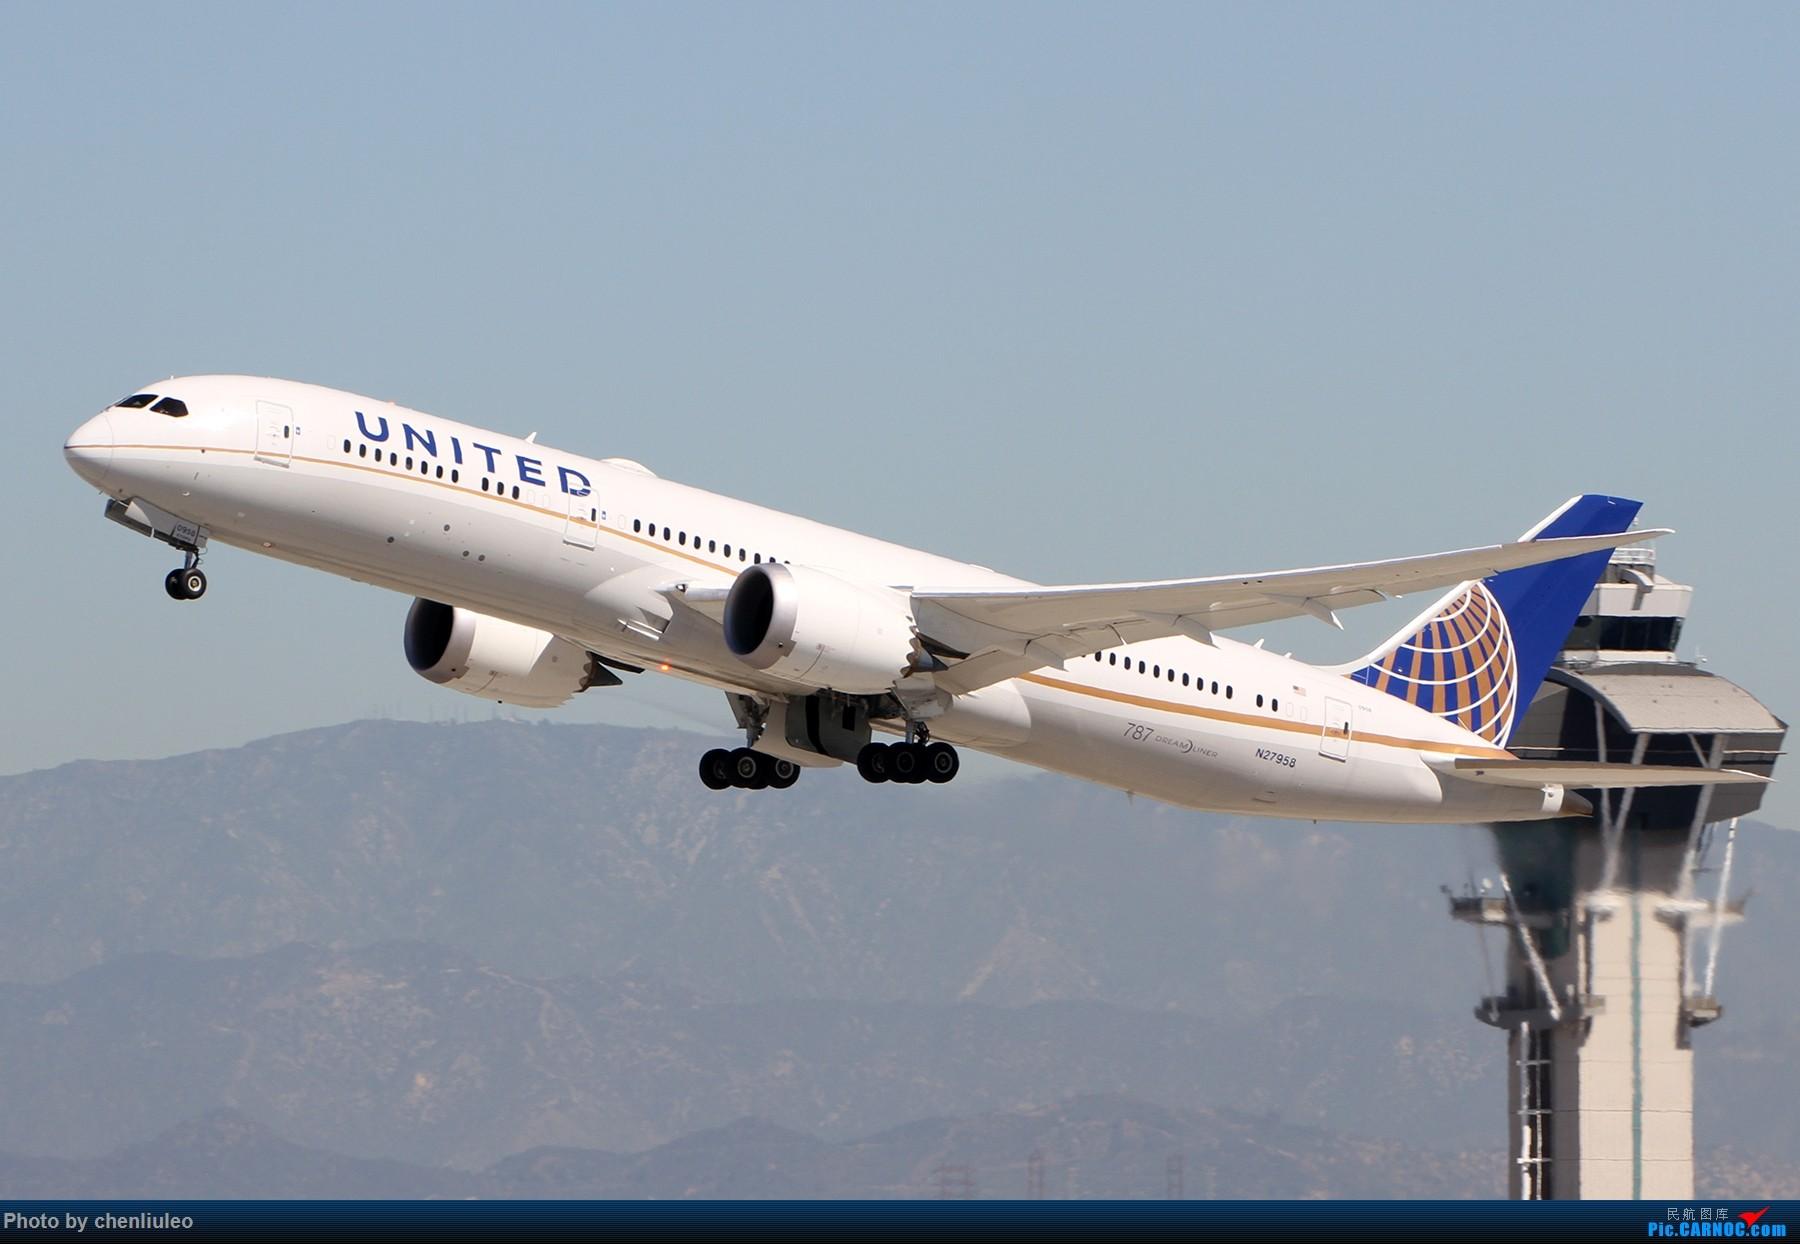 Re:[原创]【北美飞友会】LAX带地景起飞一组 BOEING 787-9 N27958 美国洛杉矶机场